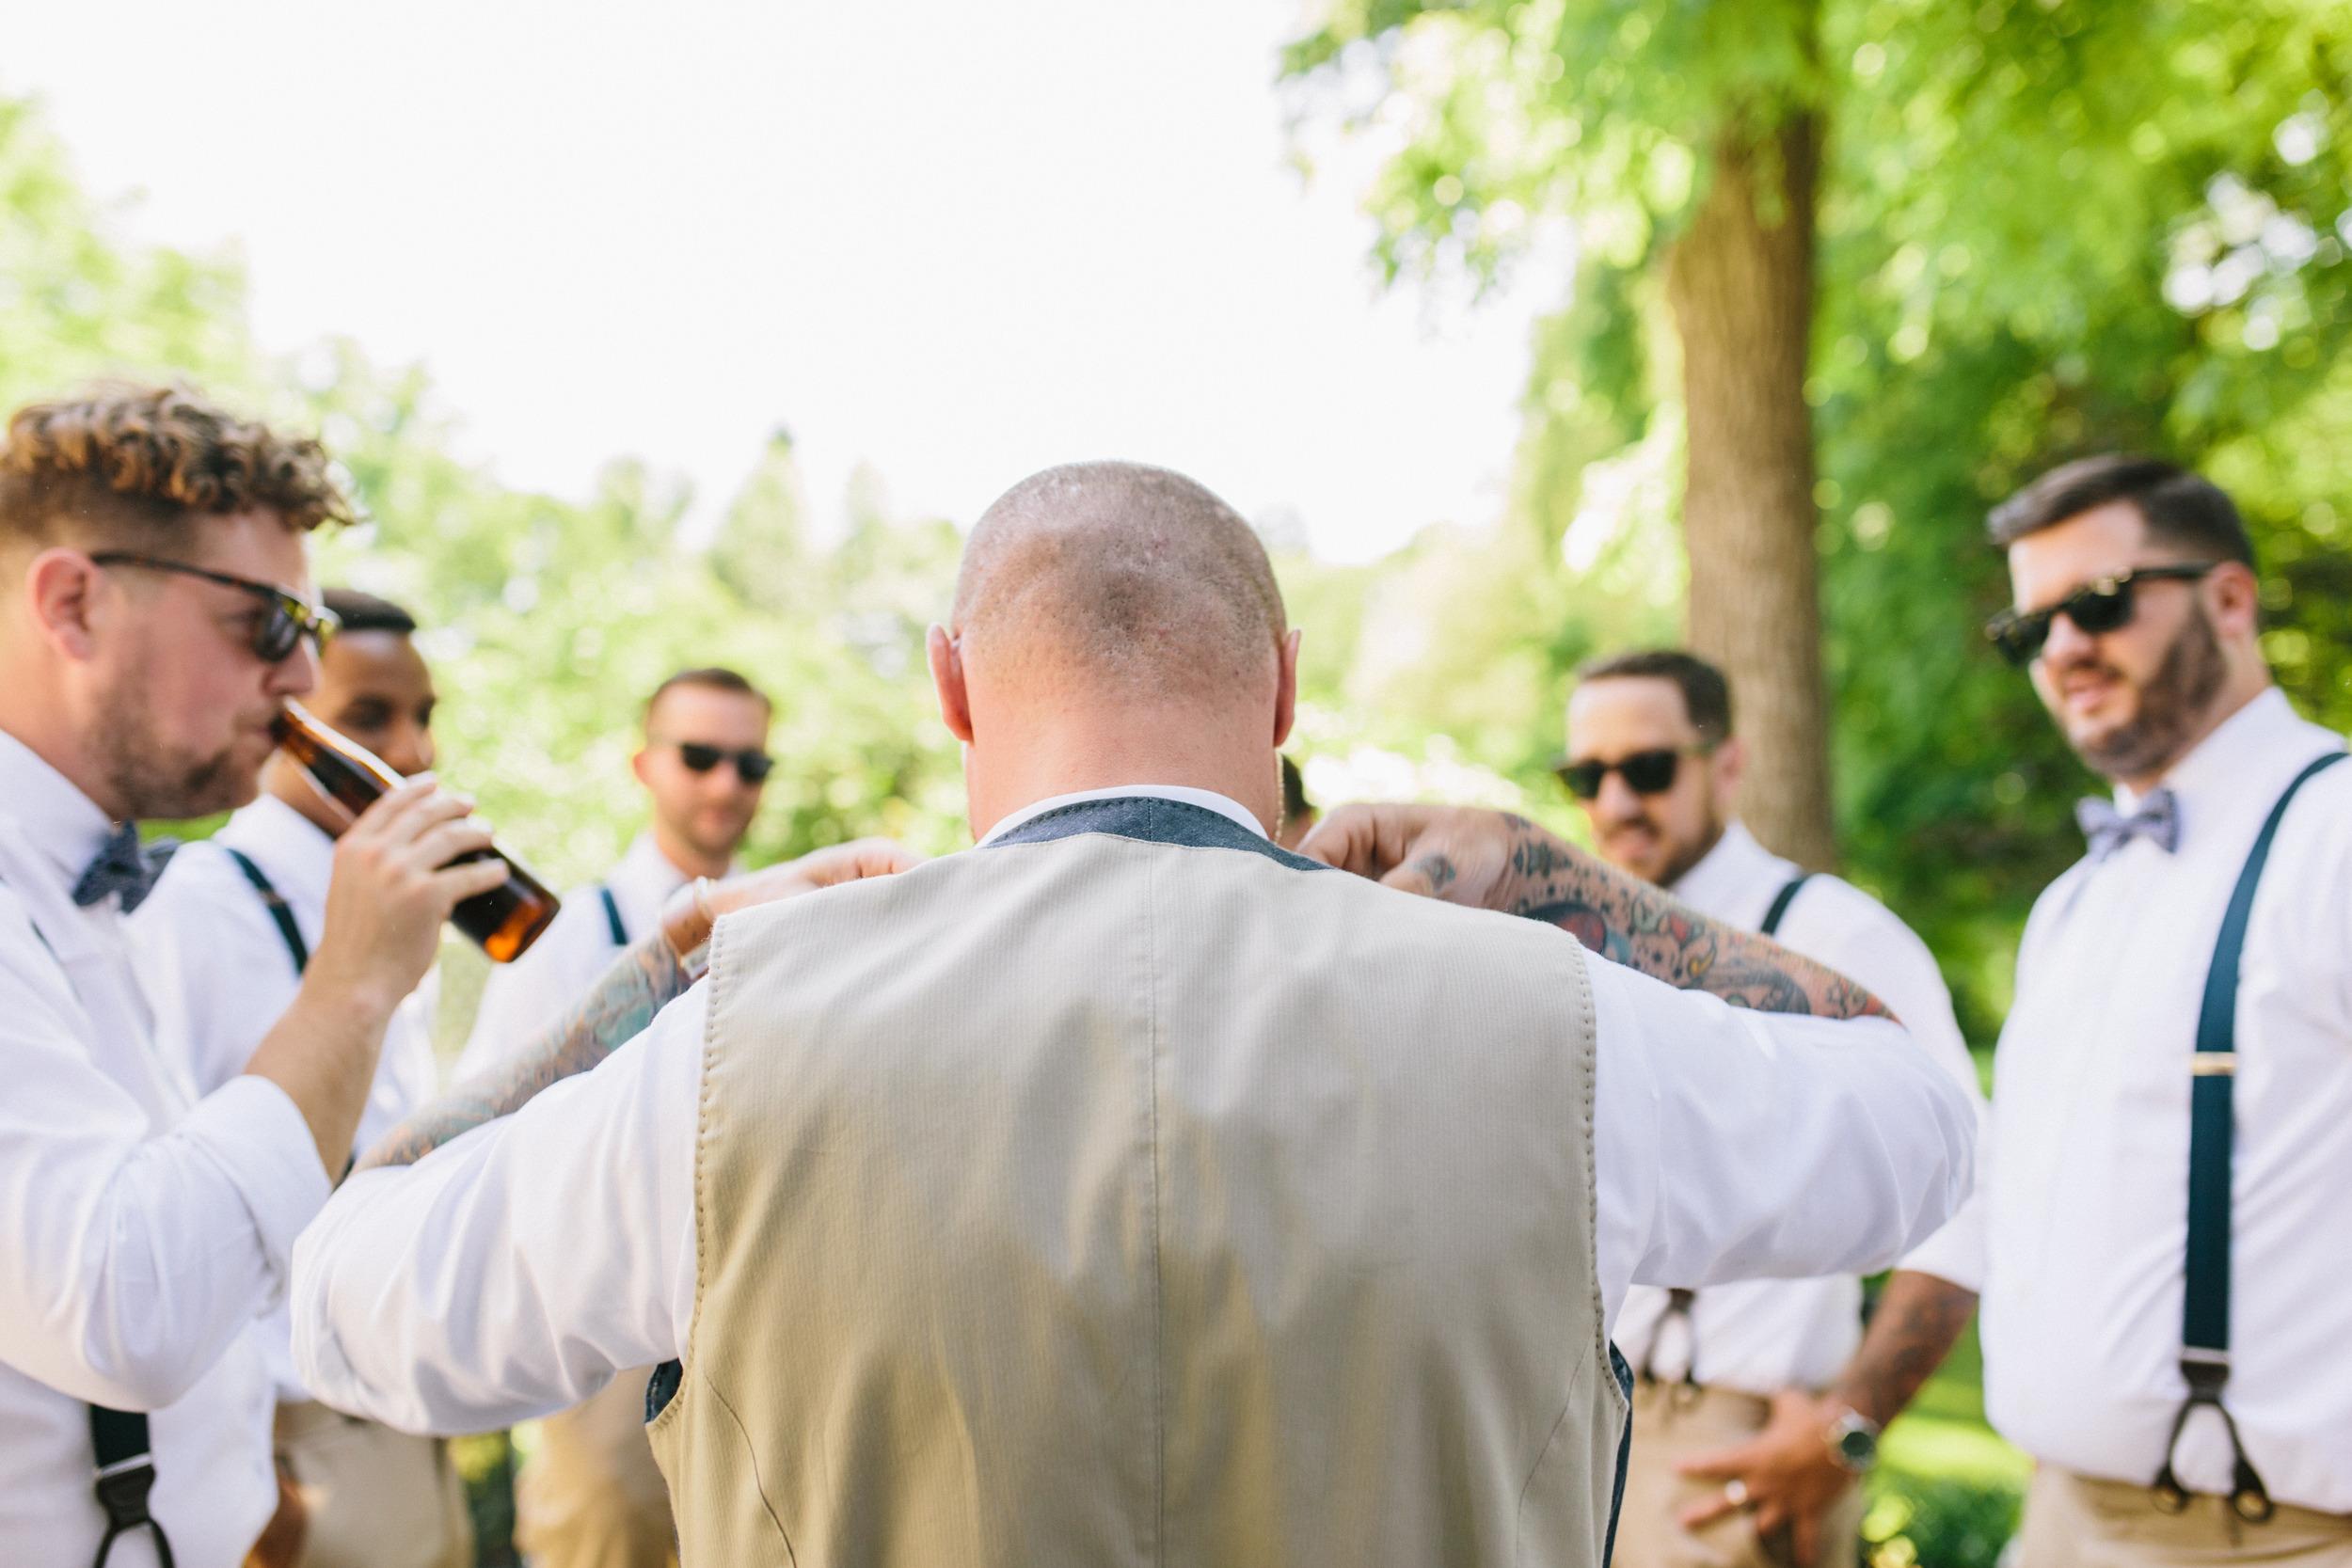 michael-rousseau-photography-shannae-ingleton-wedding-sean-craigleith-ski-club-wedding013.jpg